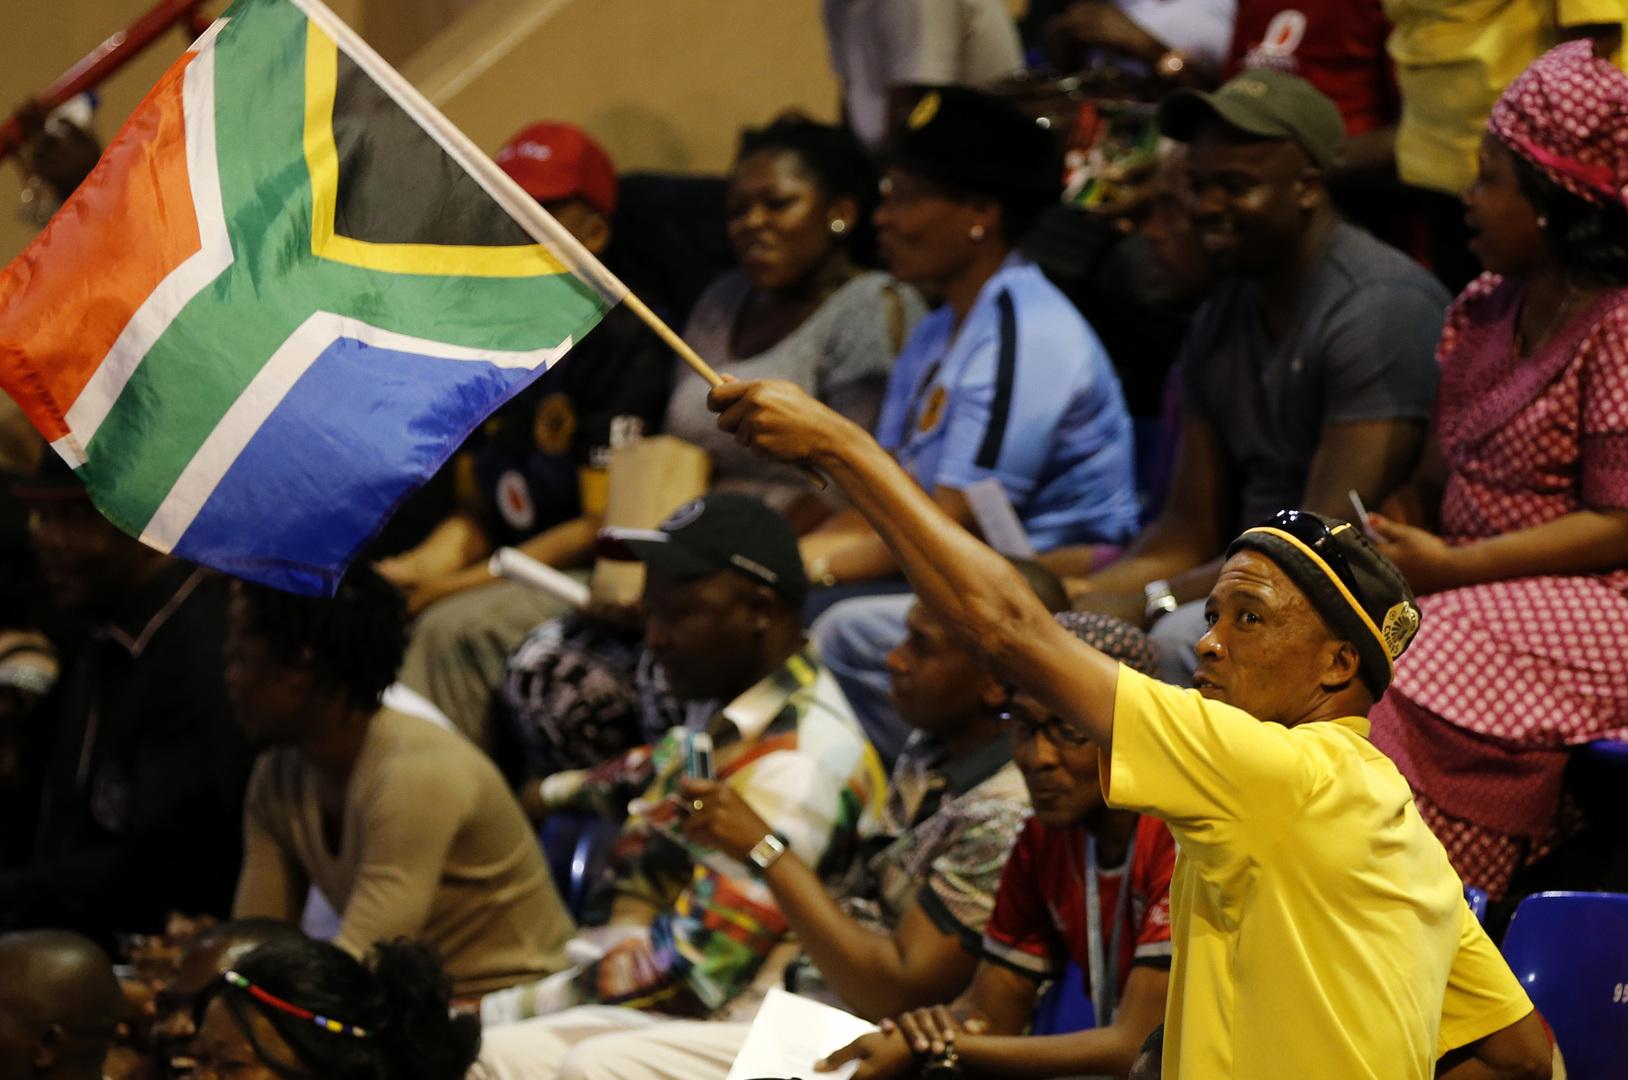 جنوب إفريقيا تندد بقرار مفوضية الاتحاد الإفريقي منح إسرائيل صفة مراقب